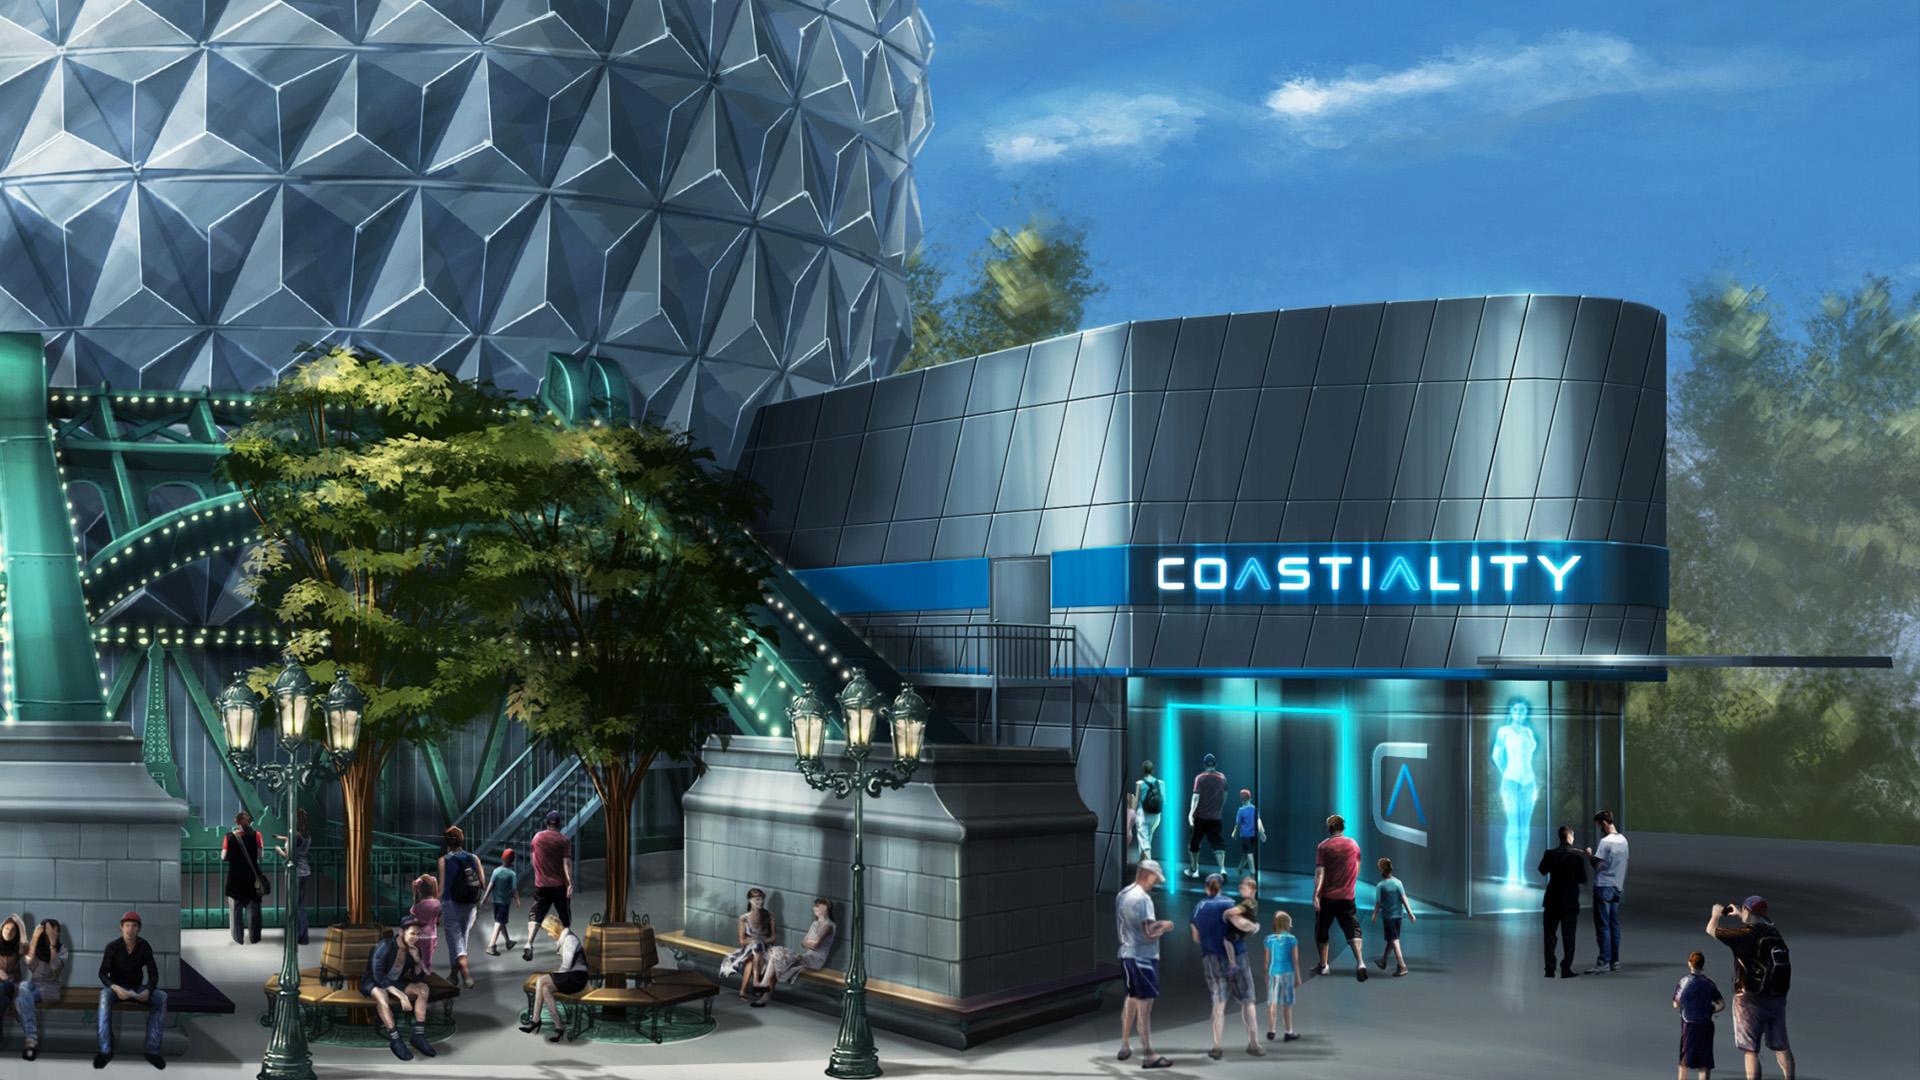 Coastiality_2018